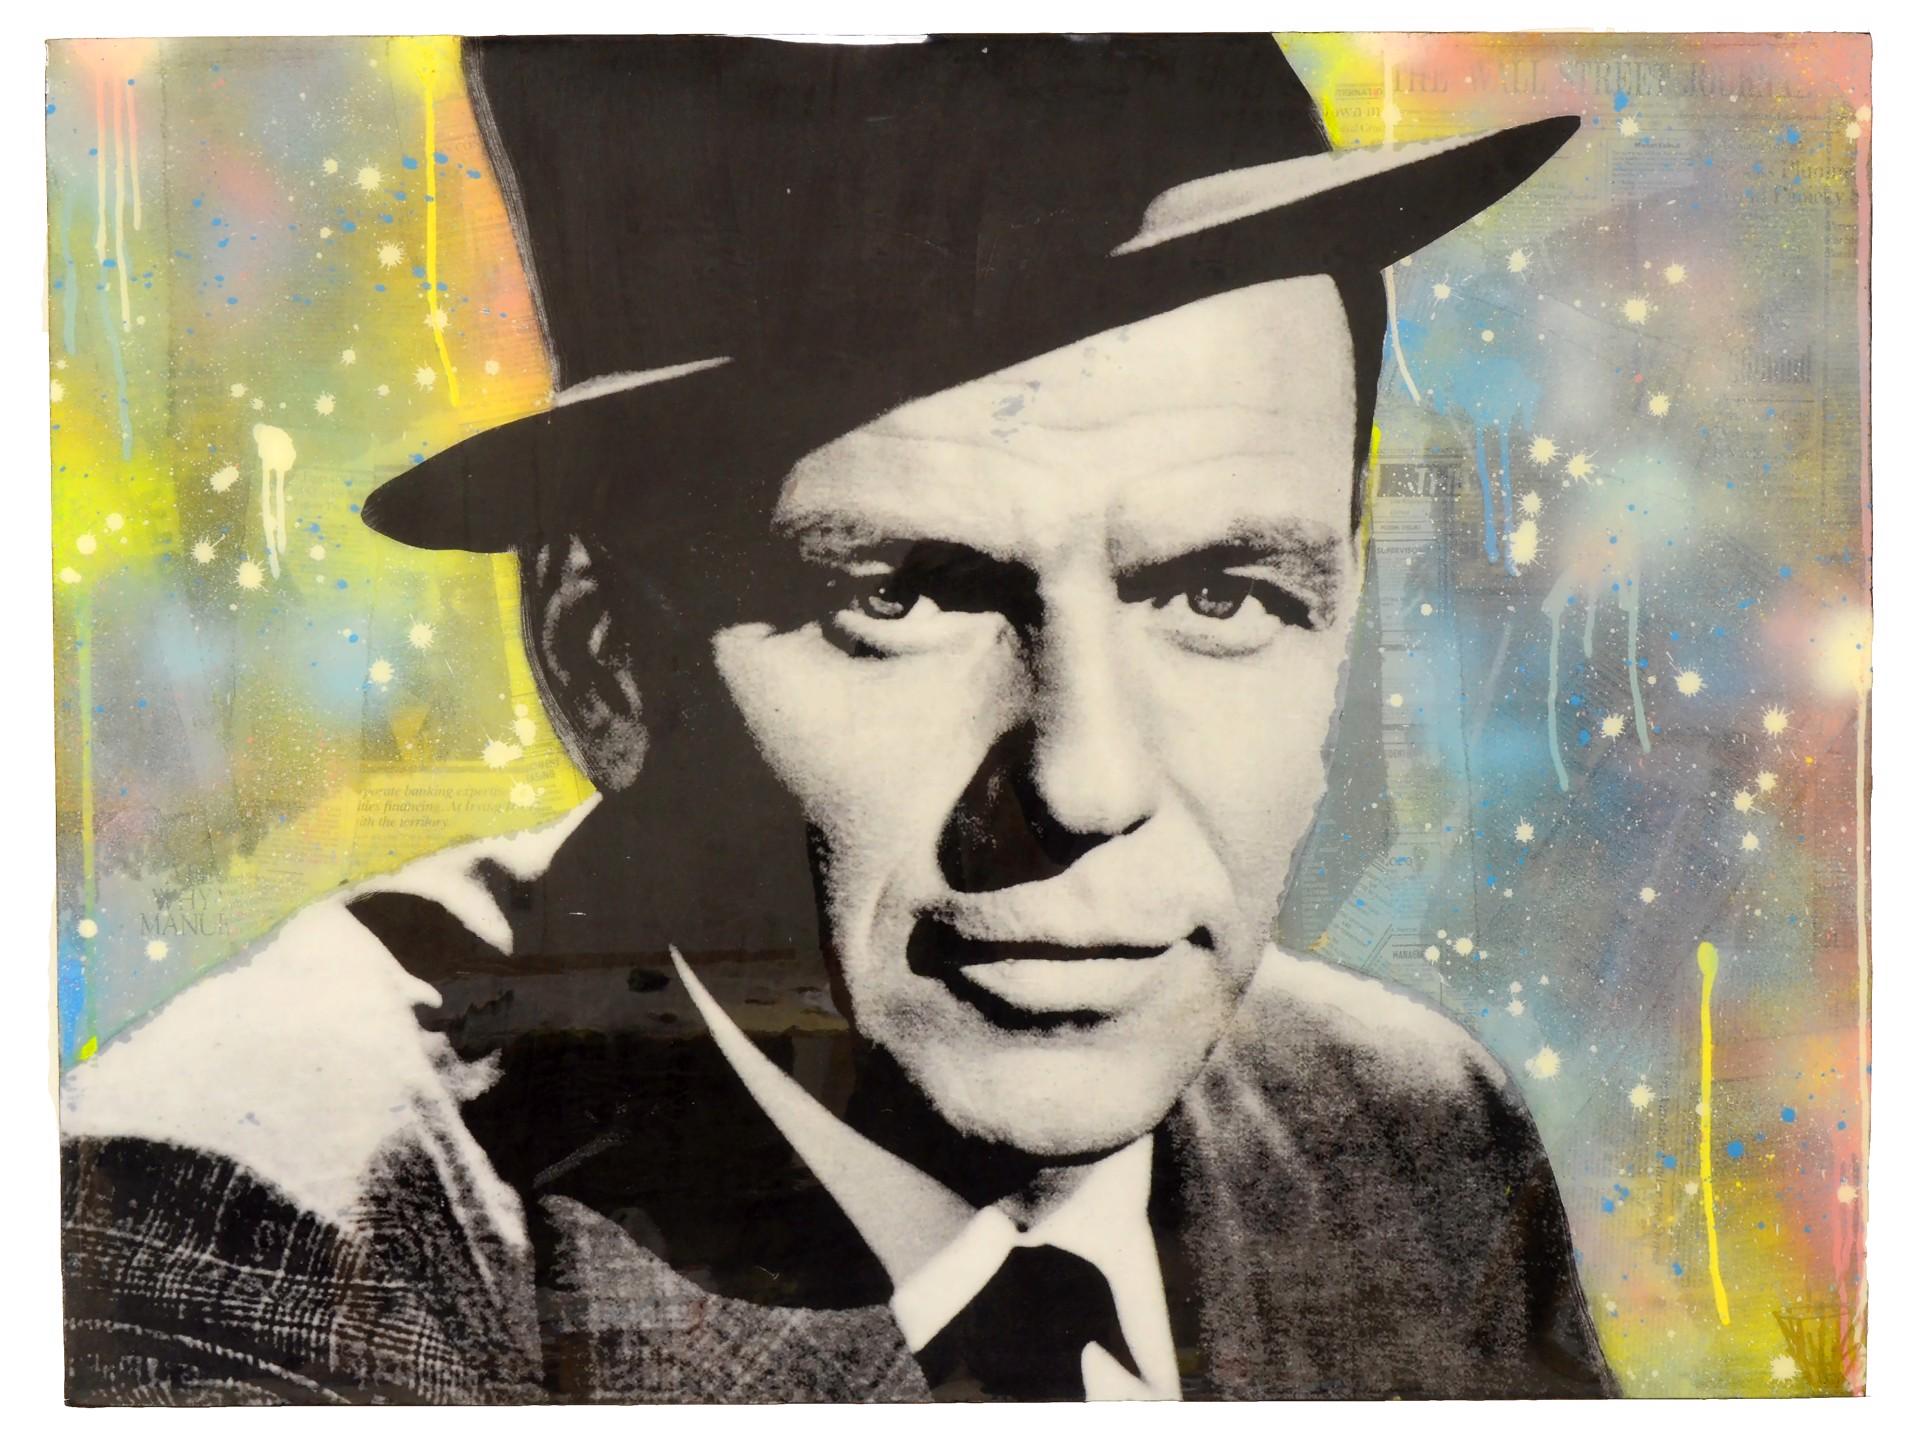 Sinatra by Seek One